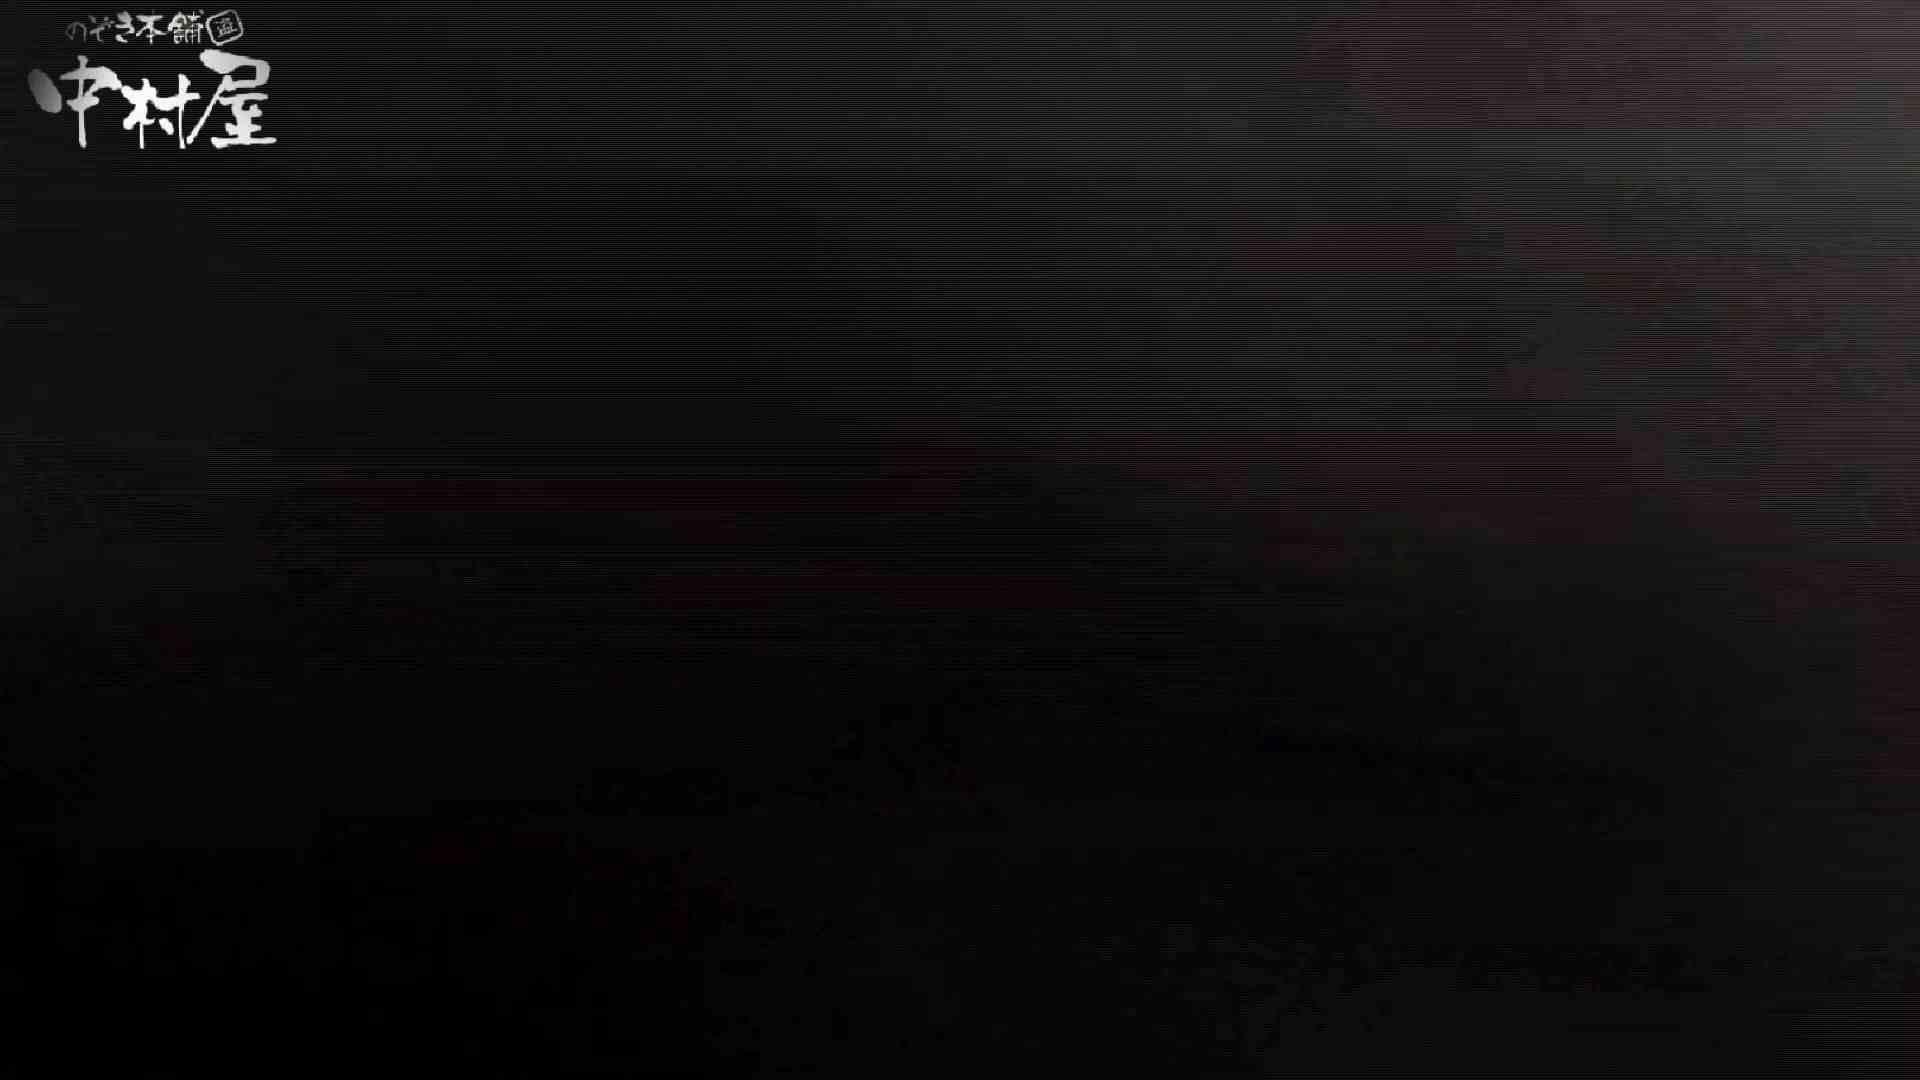 世界の射窓から~ステーション編~vol46 美女のアップが盛りだくさん。後編 美女ヌード   OLセックス  90画像 51